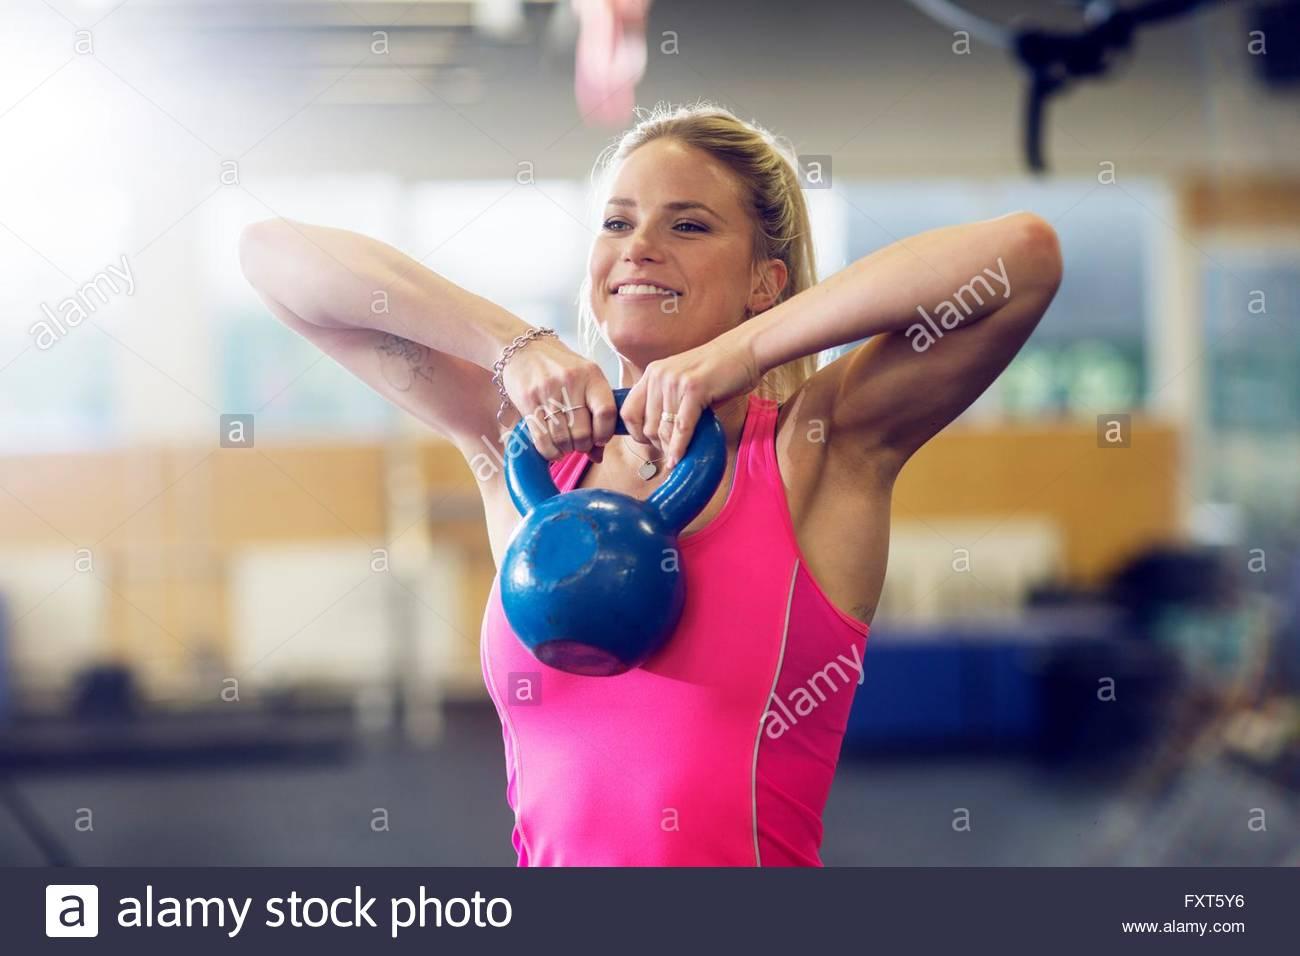 Mujer joven levantamiento kettlebell en gimnasio Imagen De Stock